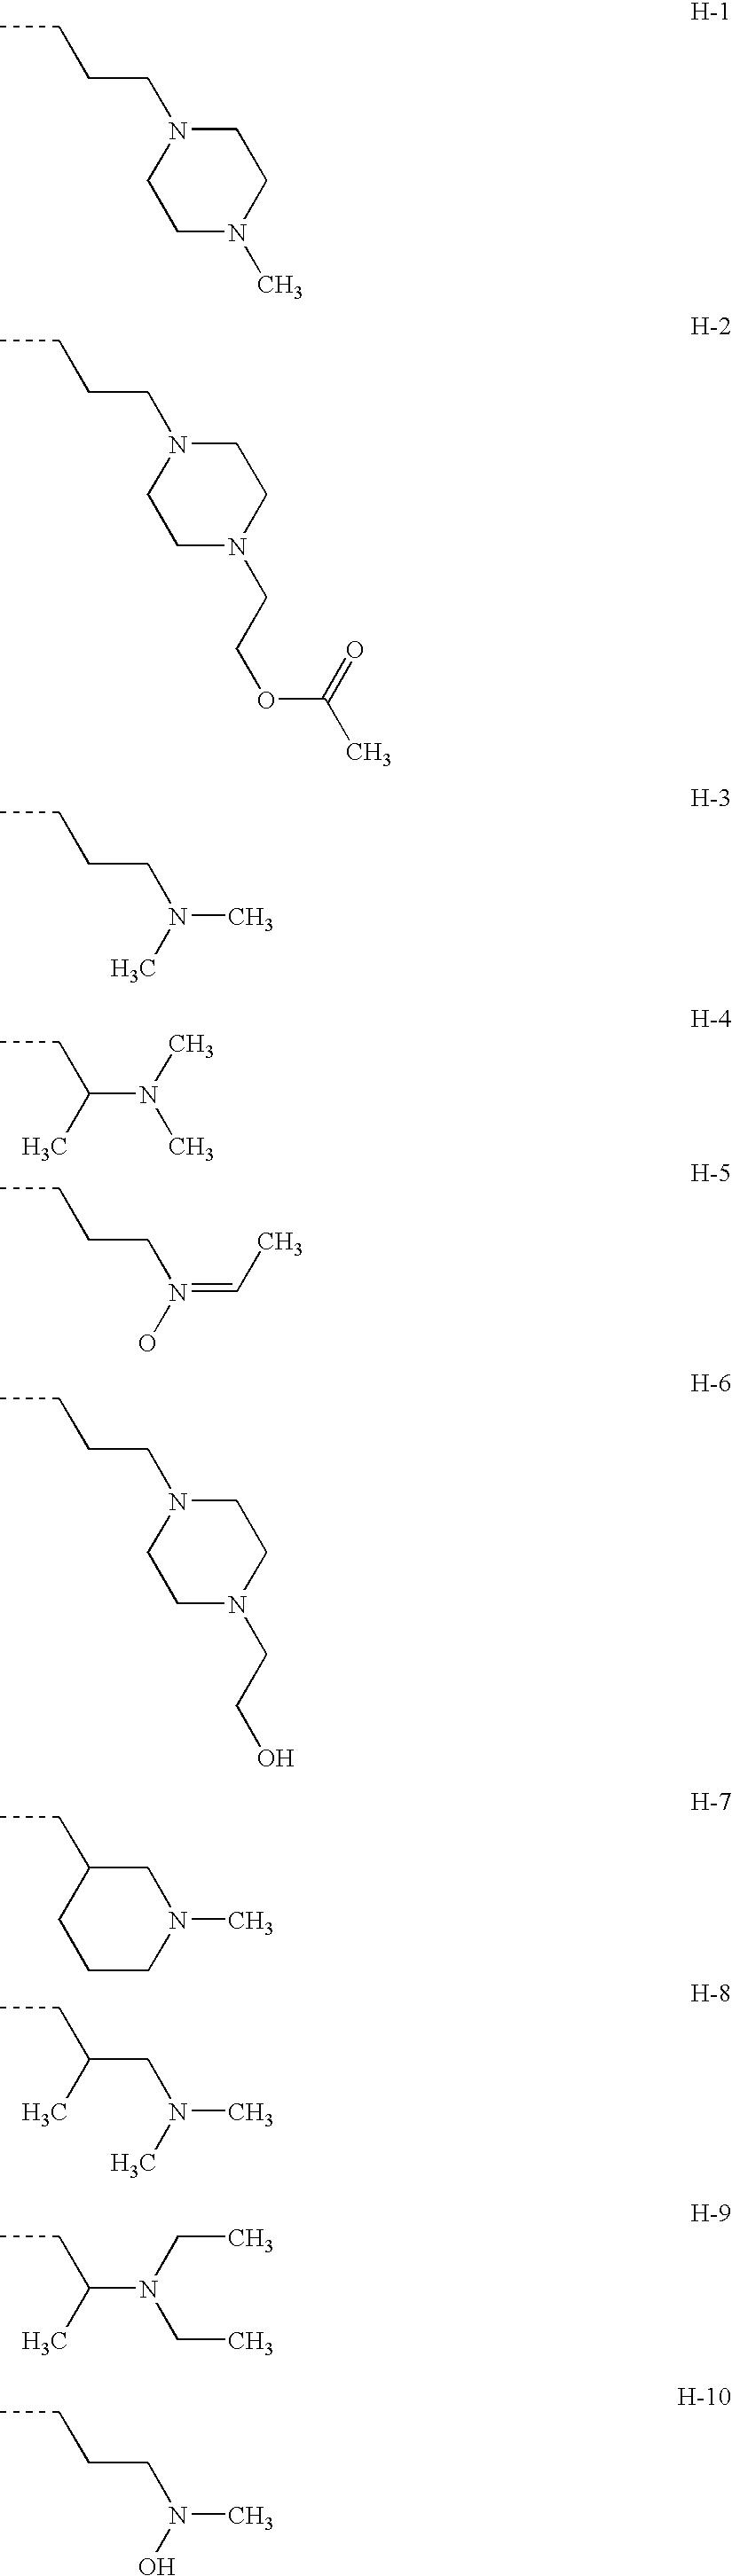 Figure US20070208134A1-20070906-C00153